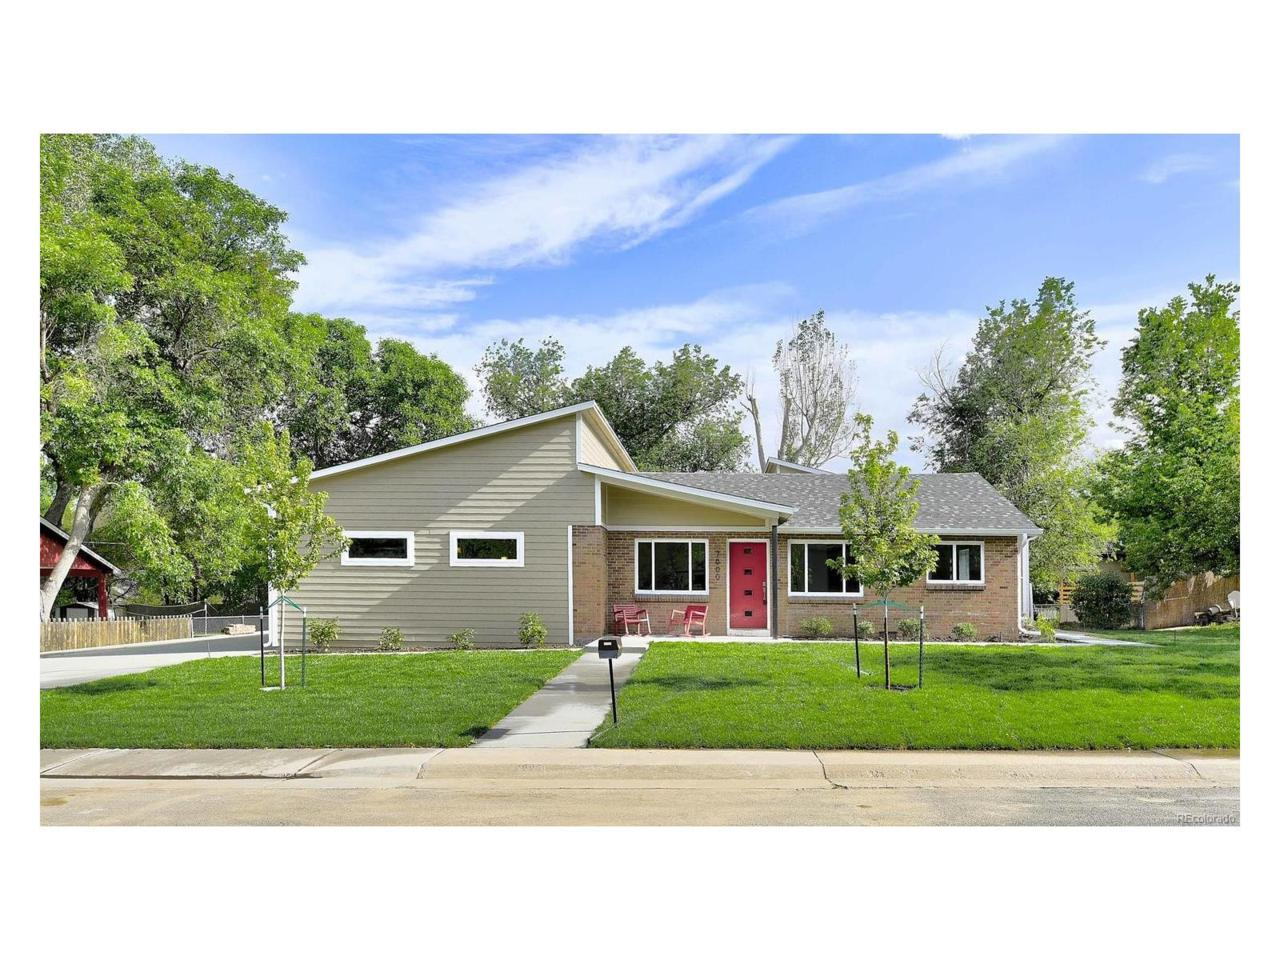 7000 W 27th Avenue, Wheat Ridge, CO 80033 (MLS #2085513) :: 8z Real Estate